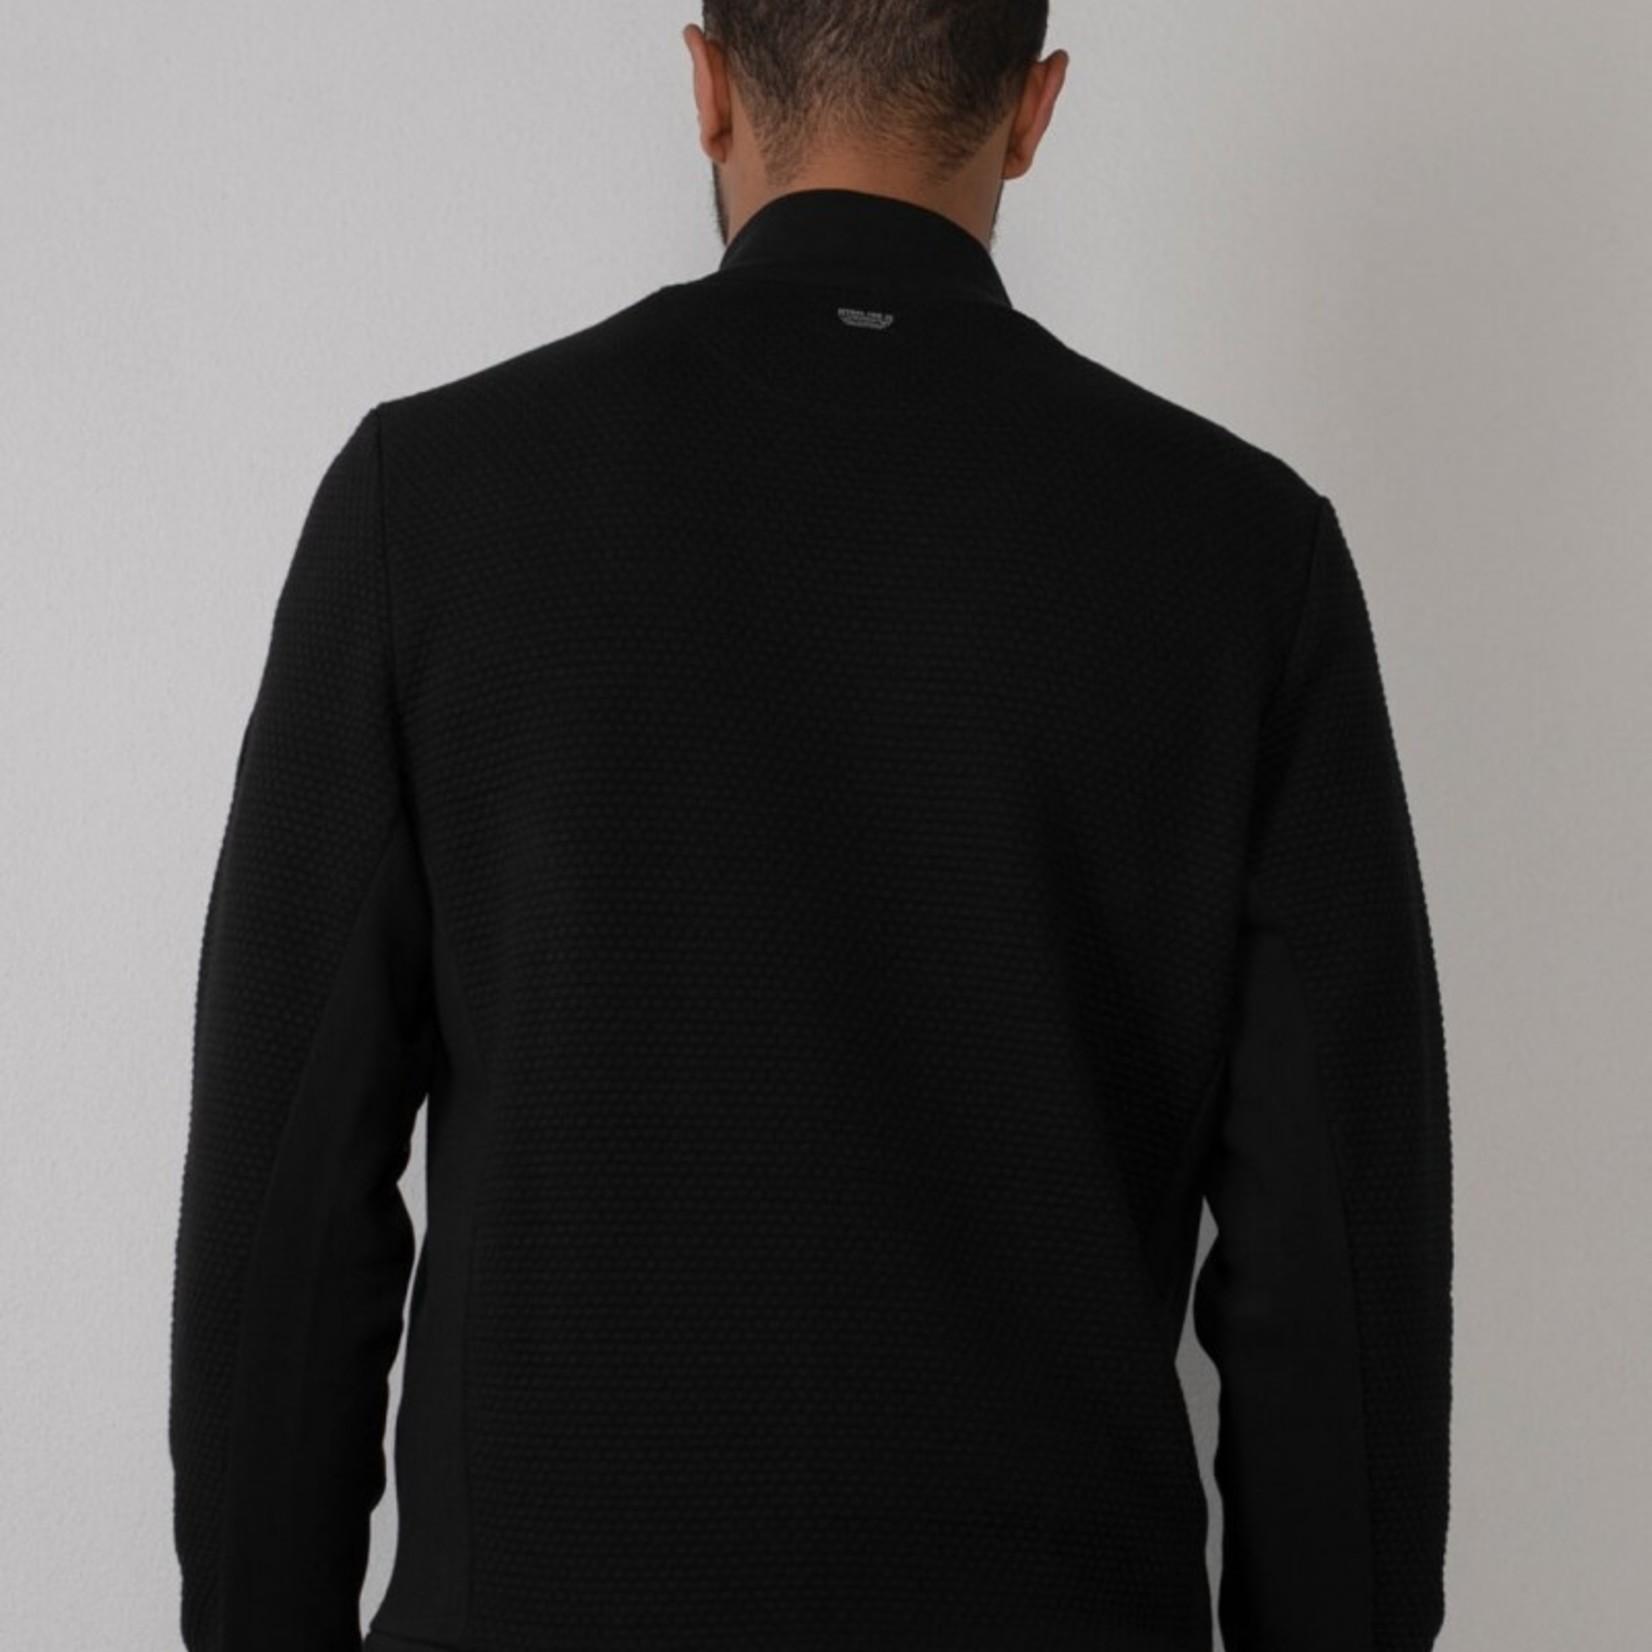 PETROL SWEATER COLLAR, vest